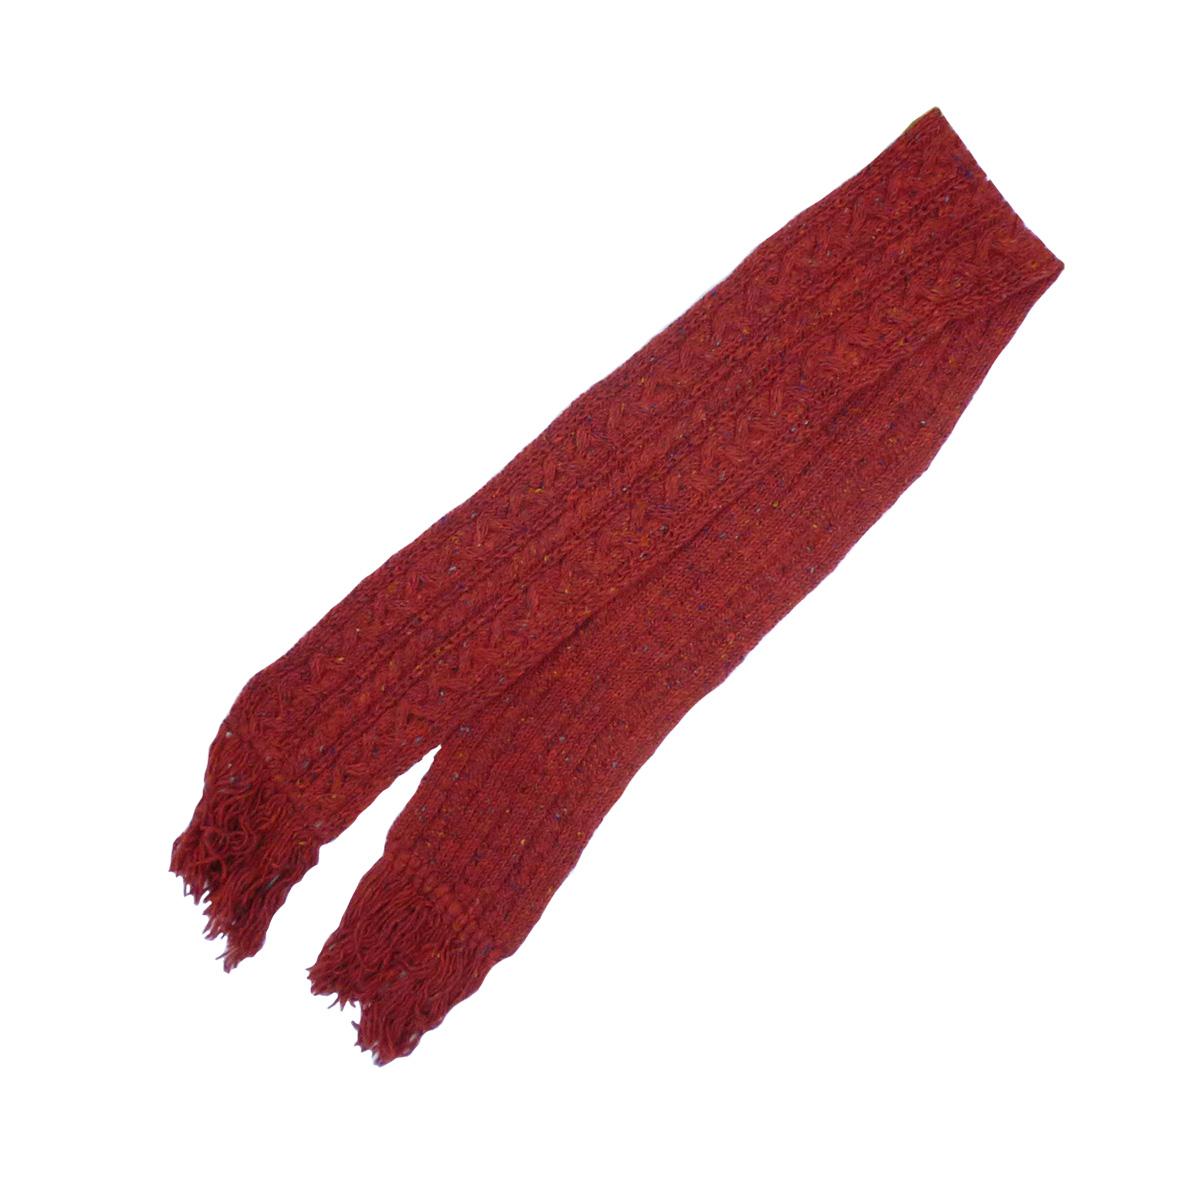 画像1: HIGHLAND2000 ハイランド2000 ケーブル編みカラーネップマフラー RED メンズ/レディース (1)